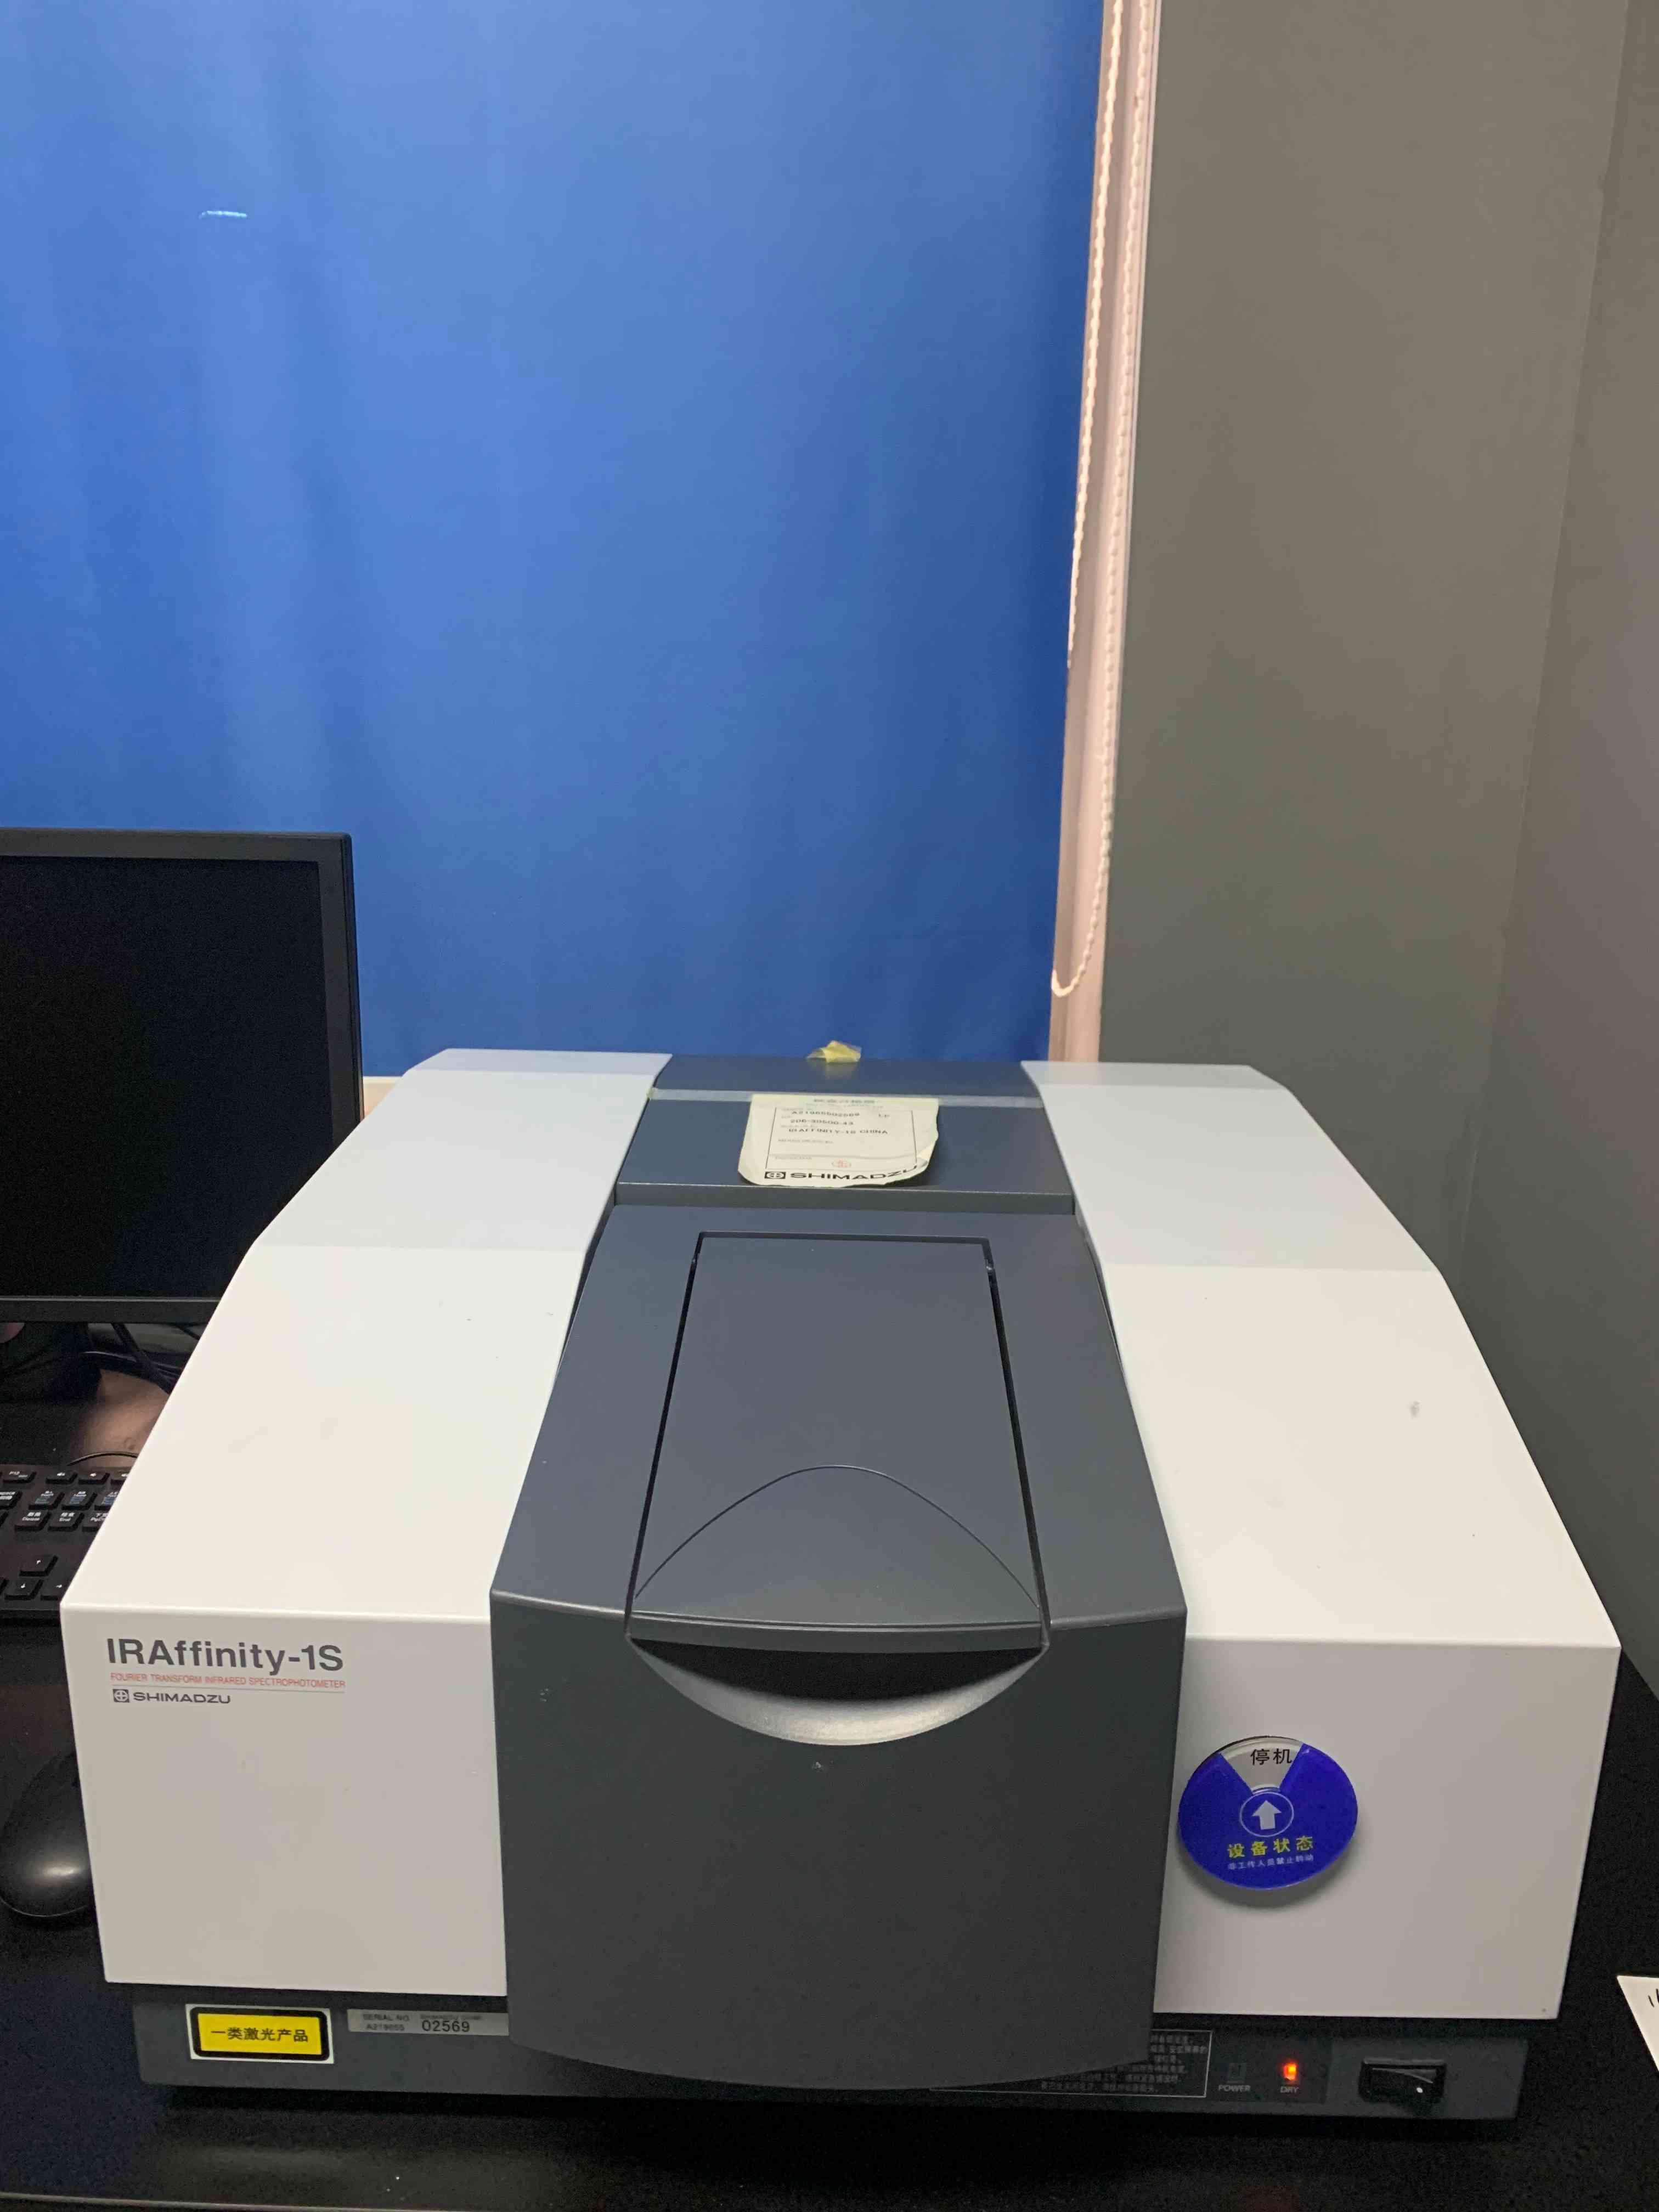 傅里叶红外光谱仪FTIR